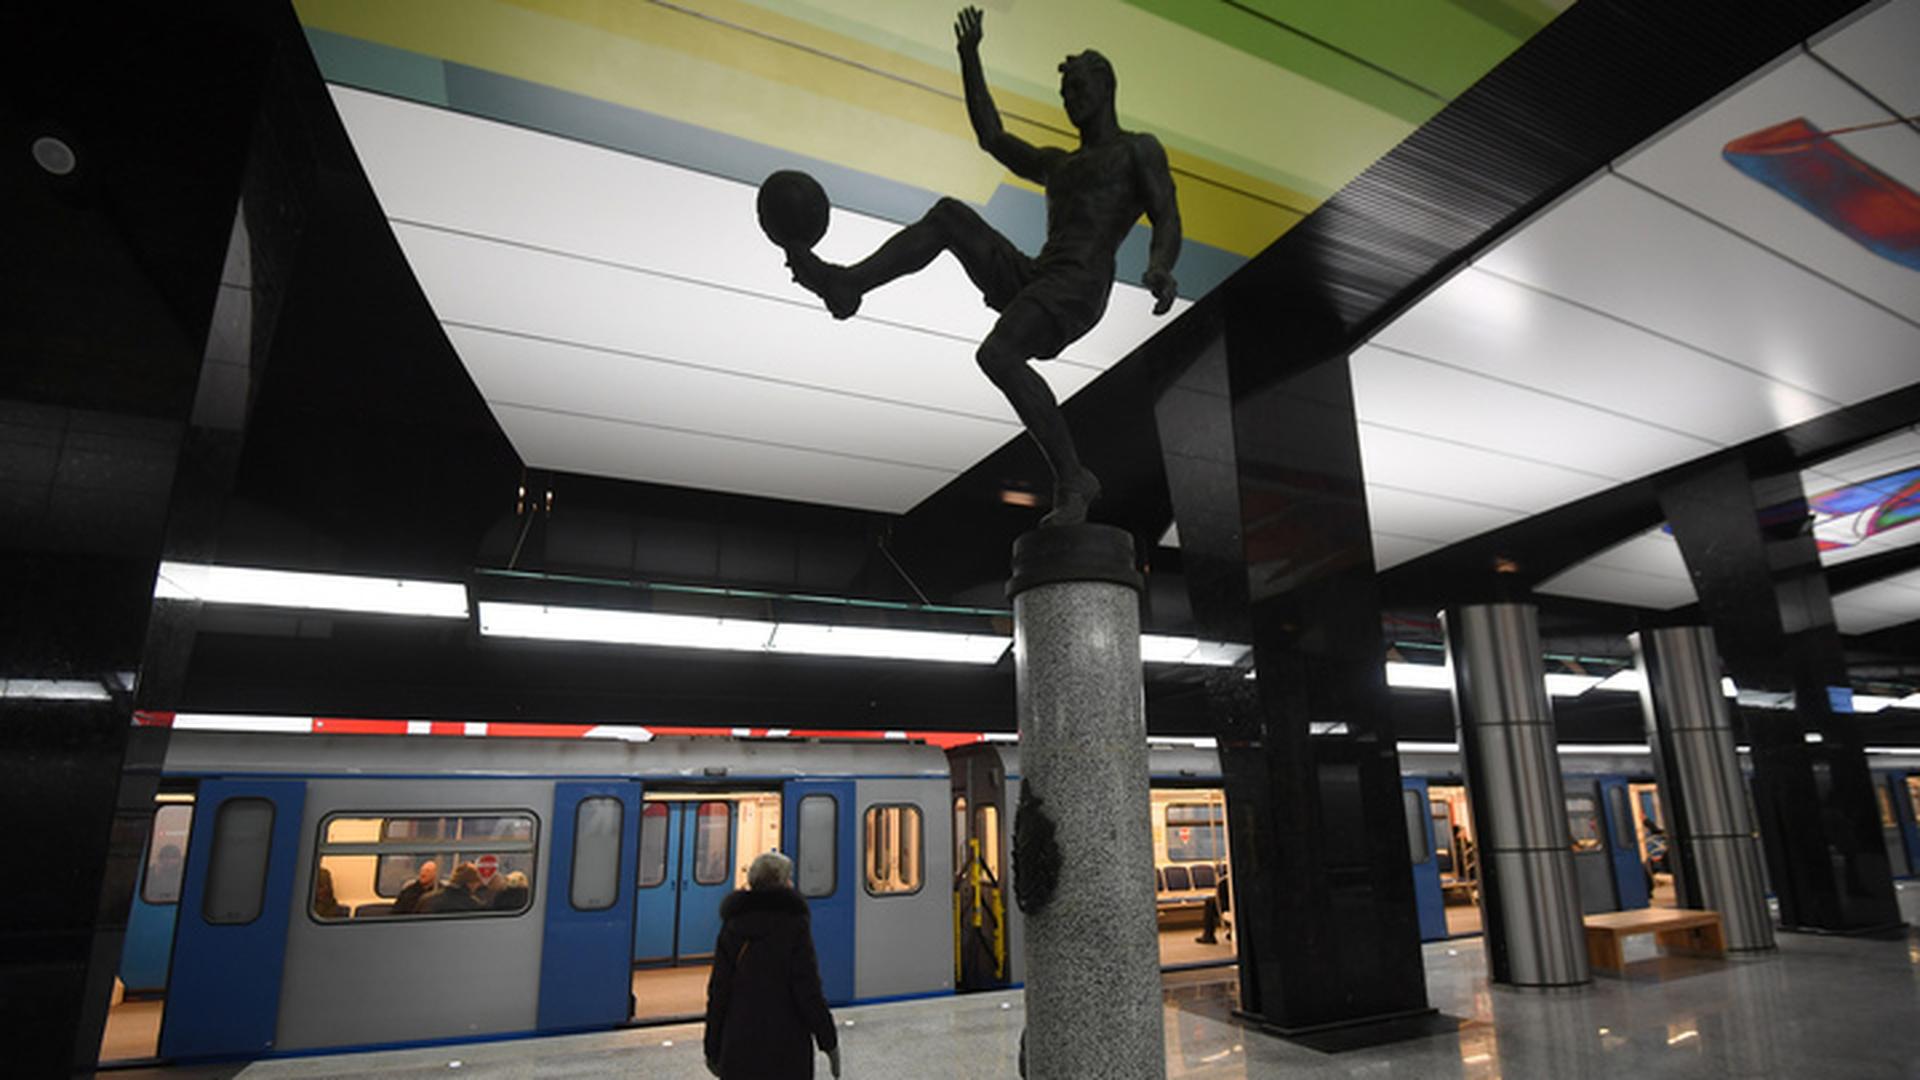 Из-за ЧМ по футболу метро Москвы четыре дня будет работать до 3:00